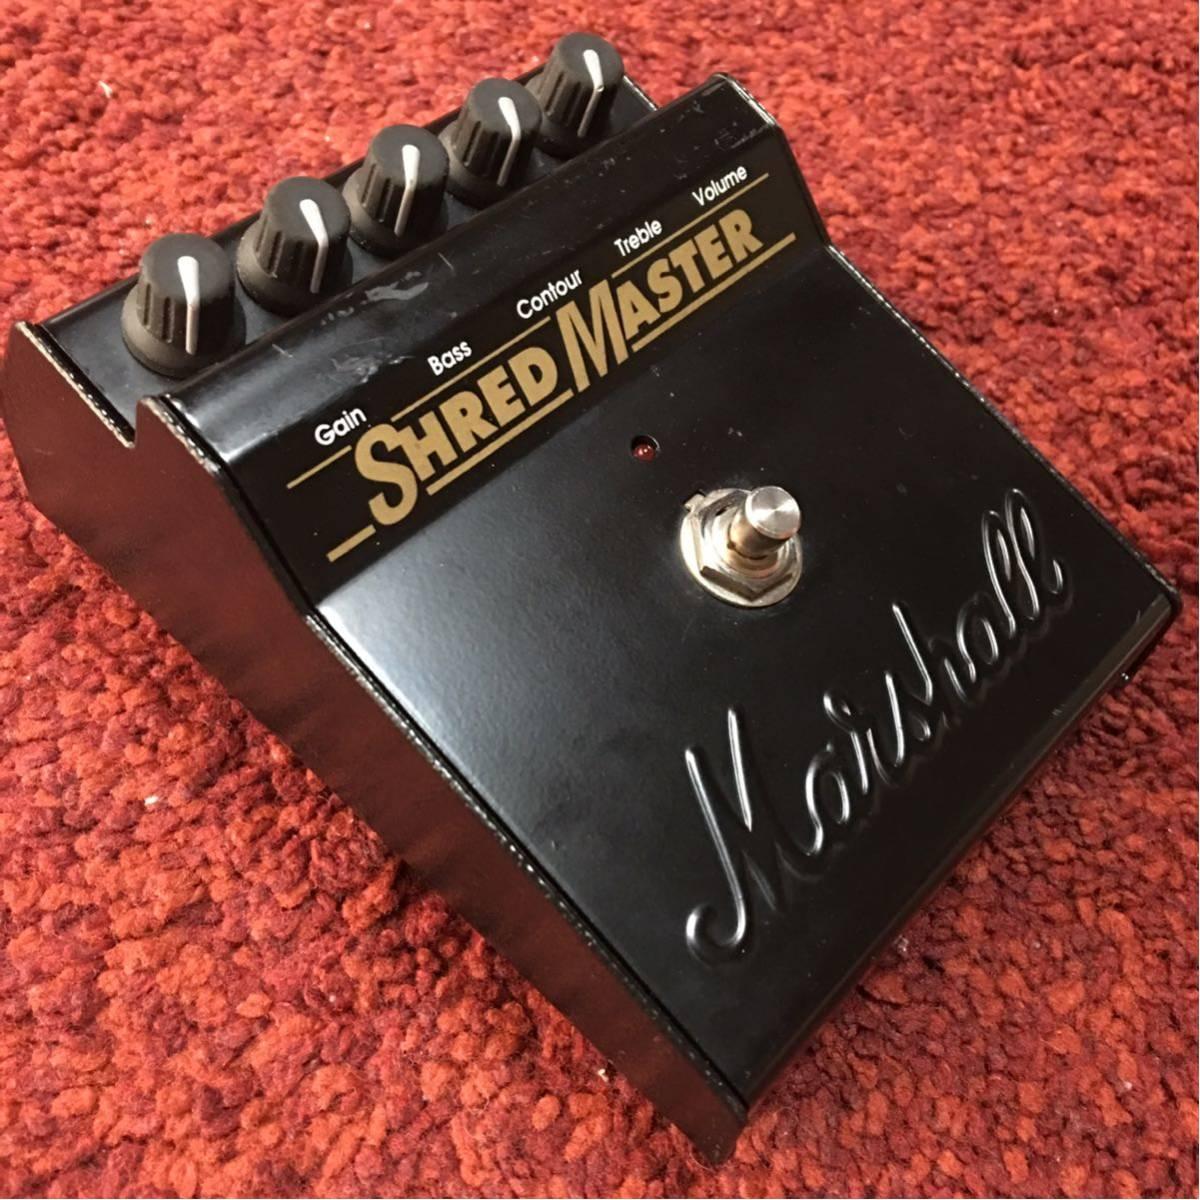 Marshall マーシャル SHRED MASTER シュレッドマスター RADIOHEAD ジョニーグリーンウッド使用